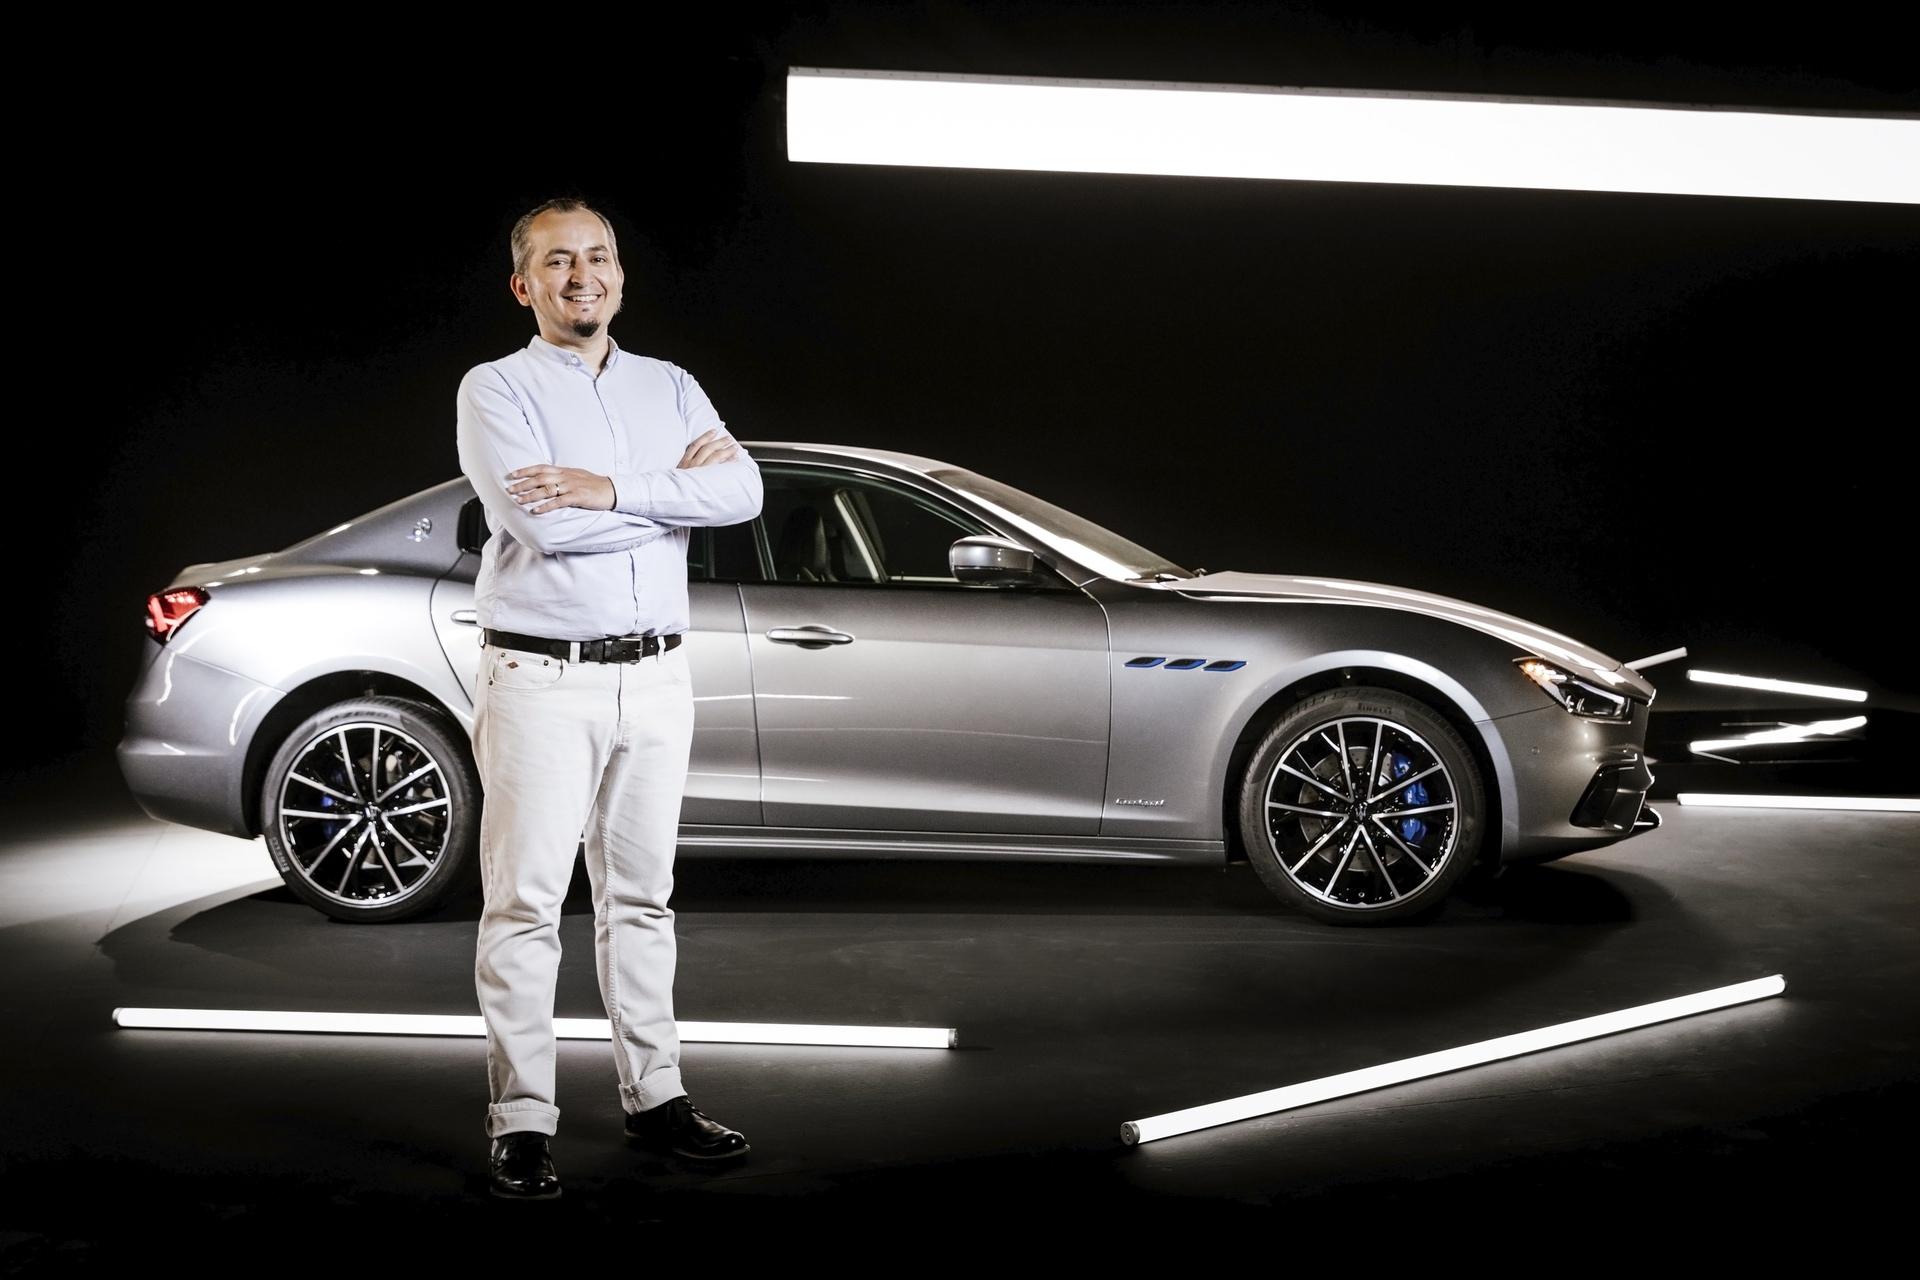 08_PabloDAgostino-MaseratiSeniorExteriorDesigner